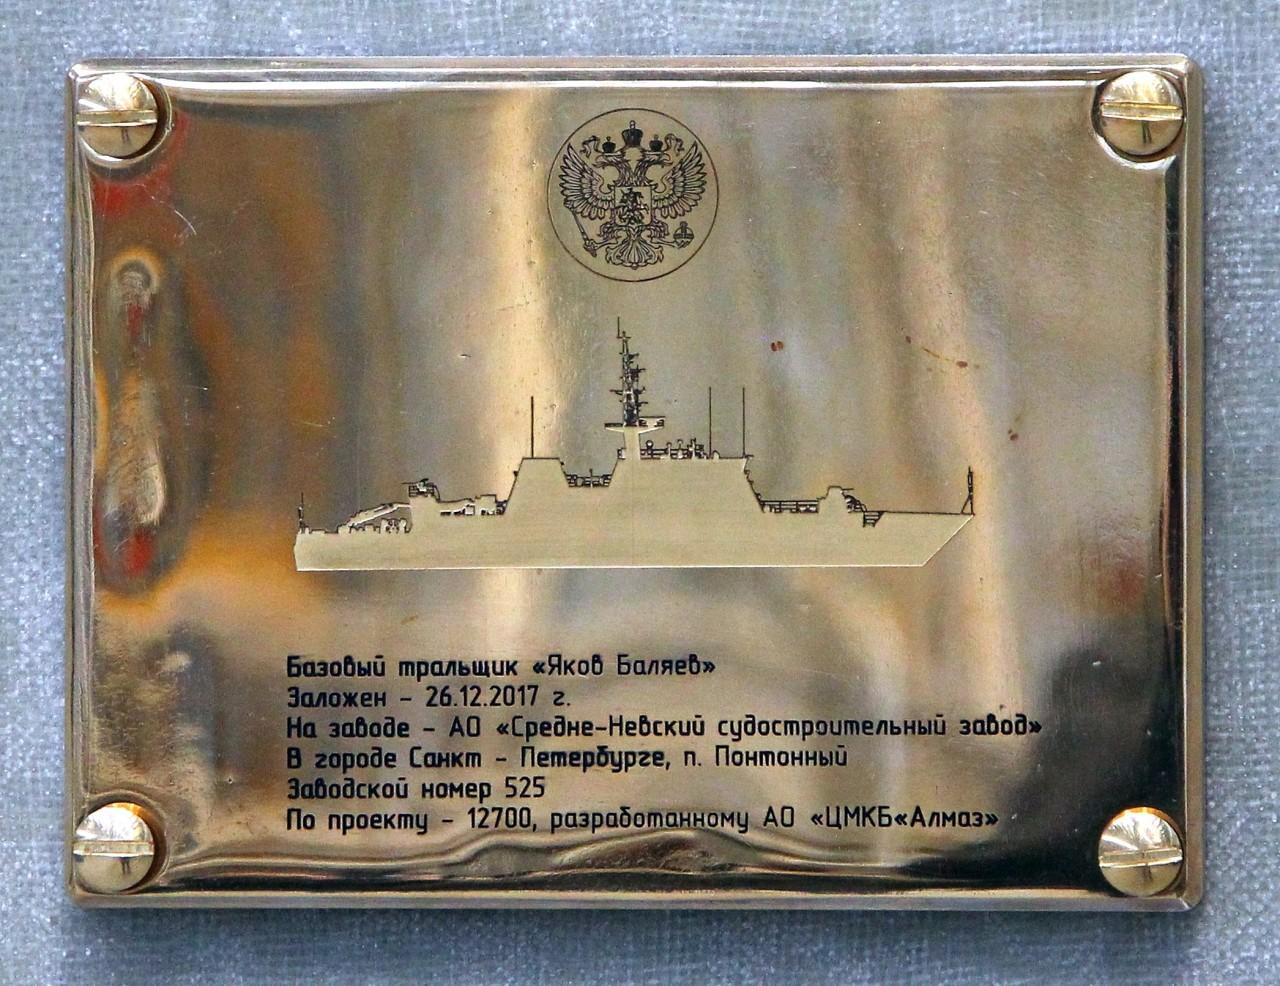 Заложен тральщик «Яков Баляев» проекта 12700